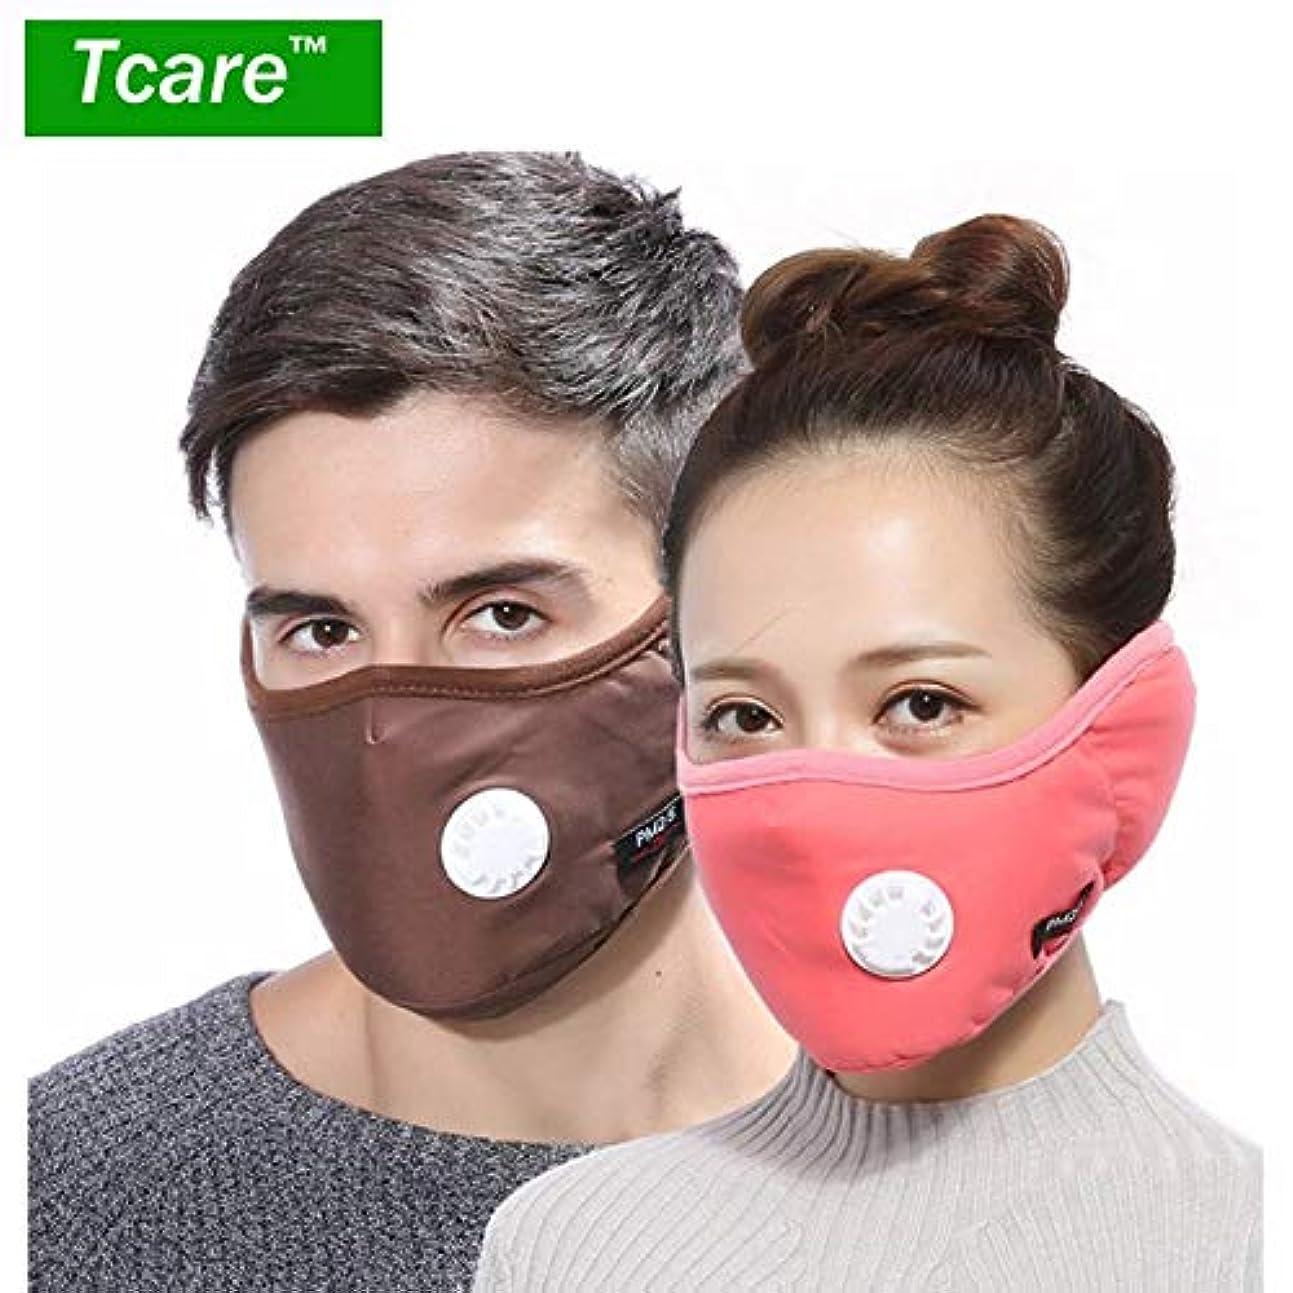 恵みリラックス関数8ダークピンク:1 PM2.5マスクバルブコットンアンチダスト口マスクの冬のイヤーマフActtedフィルター付マスクでTcare 2